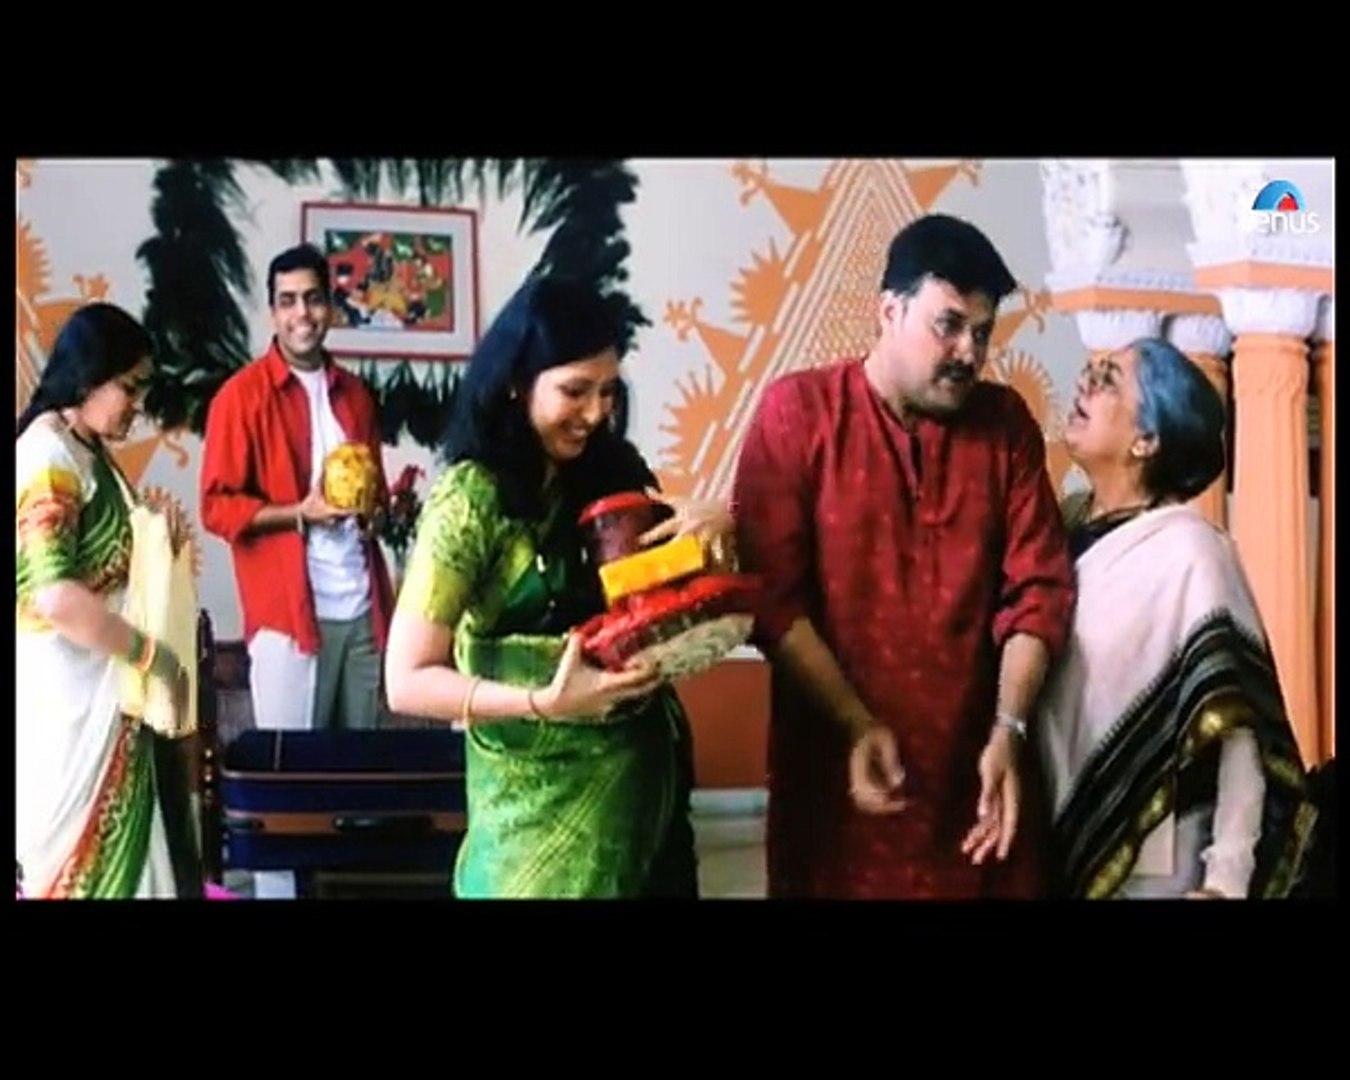 Hindi Movies 2016 Full Movie | Kyaa Dil Ne Kahaa Full Movie | Hindi Movie | Bollywood Full Movies